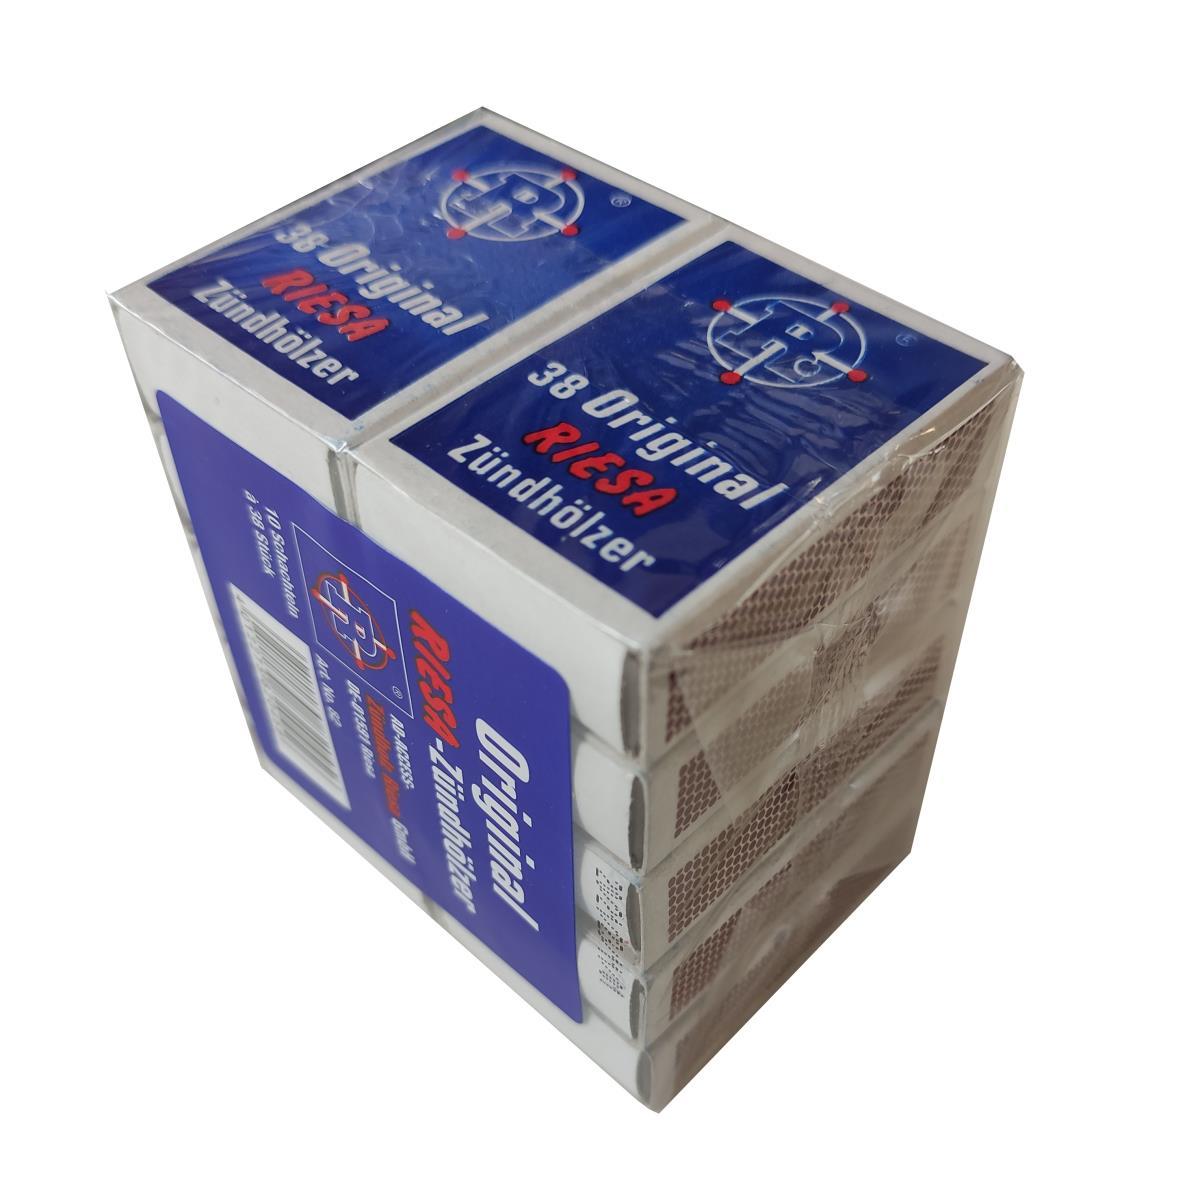 120 Stück Schachteln Streichhölzer, Zündhölzer, Zündholzschachtel,KM Zündholz International,0000082, 0685293813898